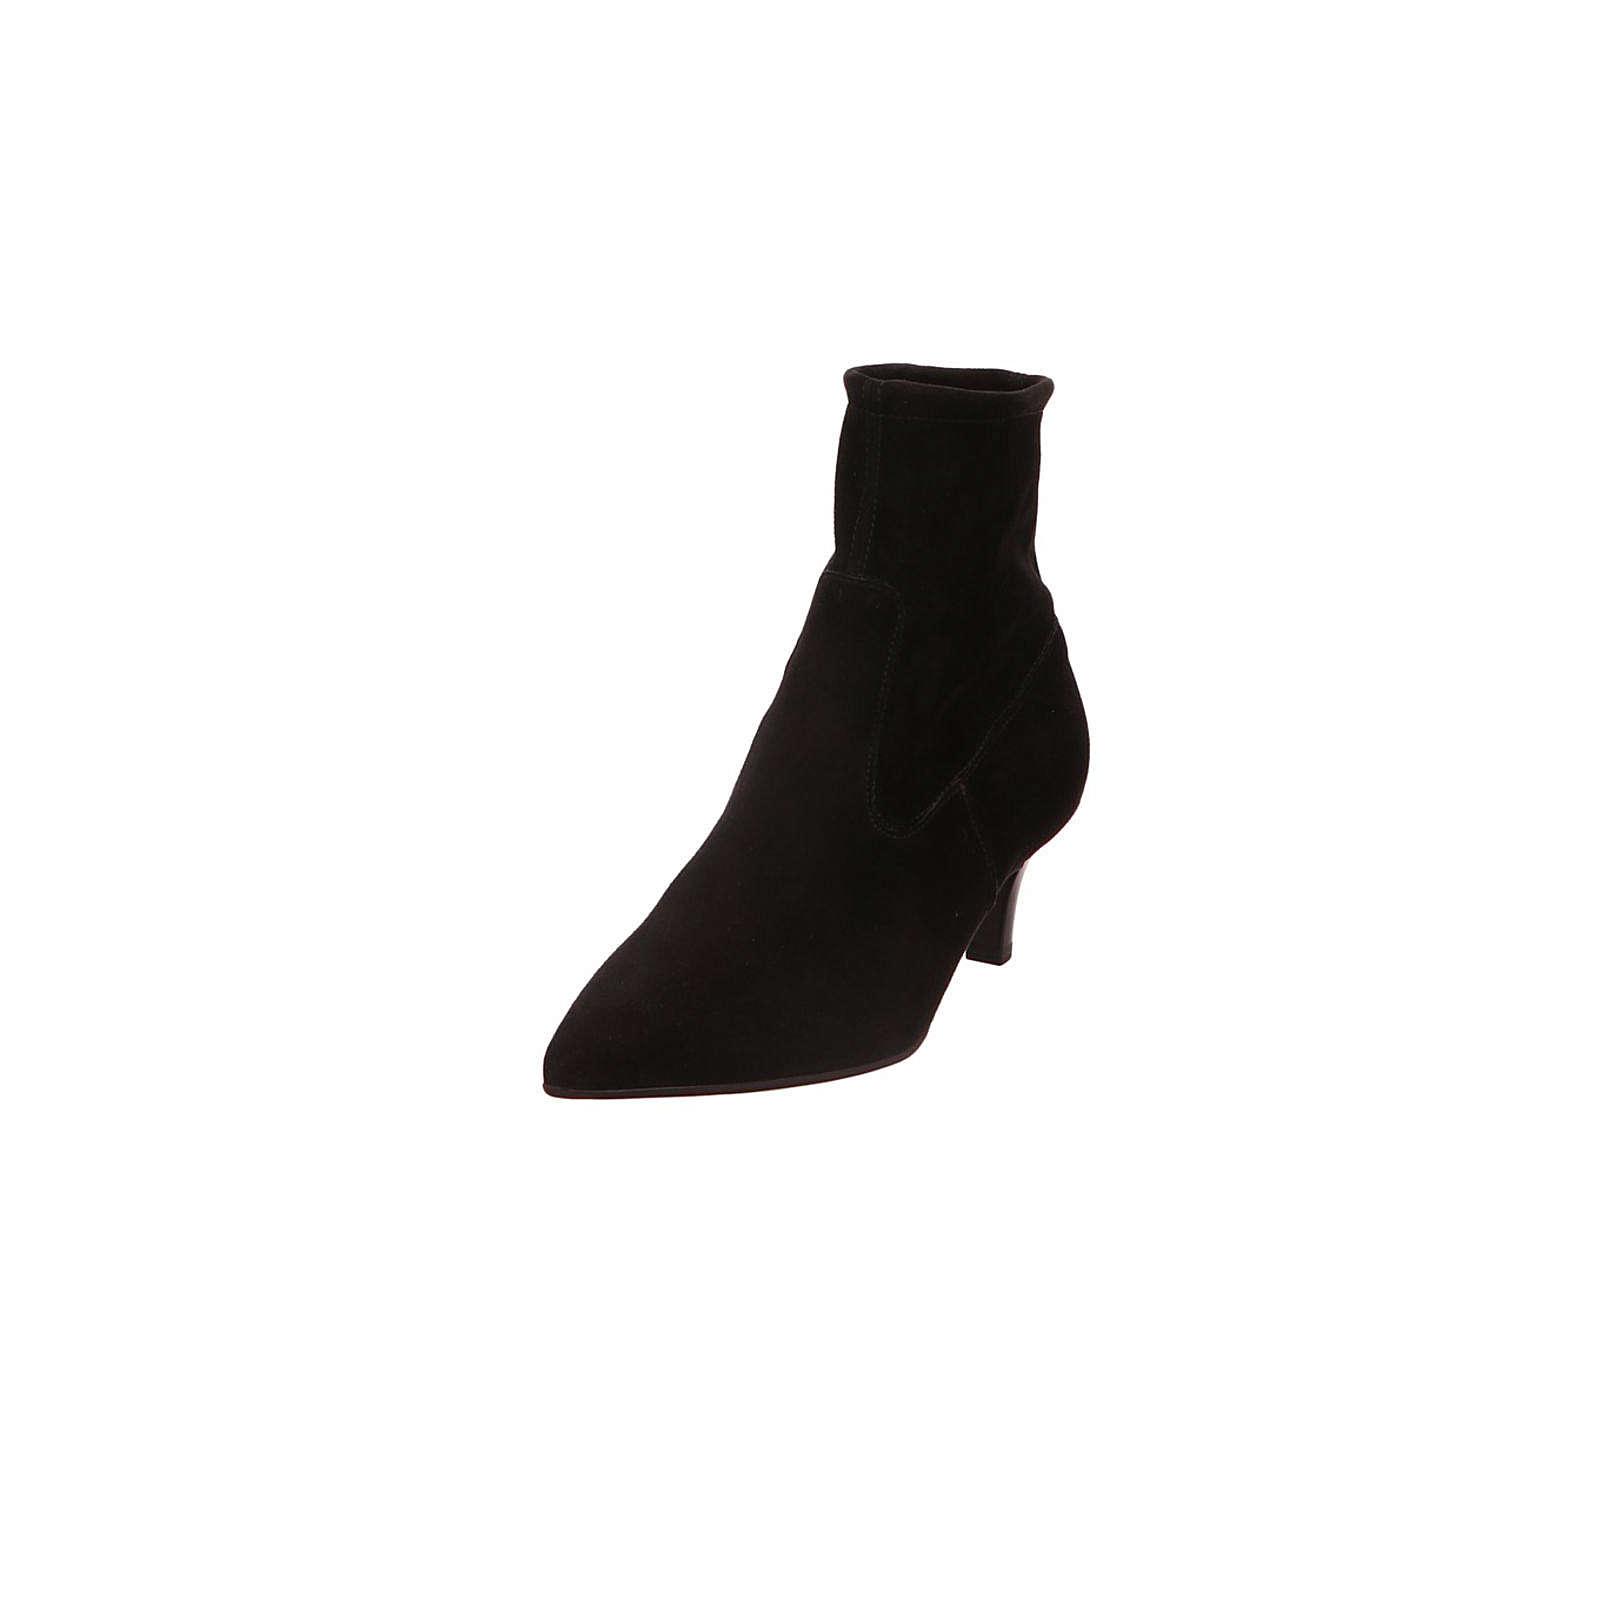 PETER KAISER Stiefel schwarz schwarz Damen Gr. 38